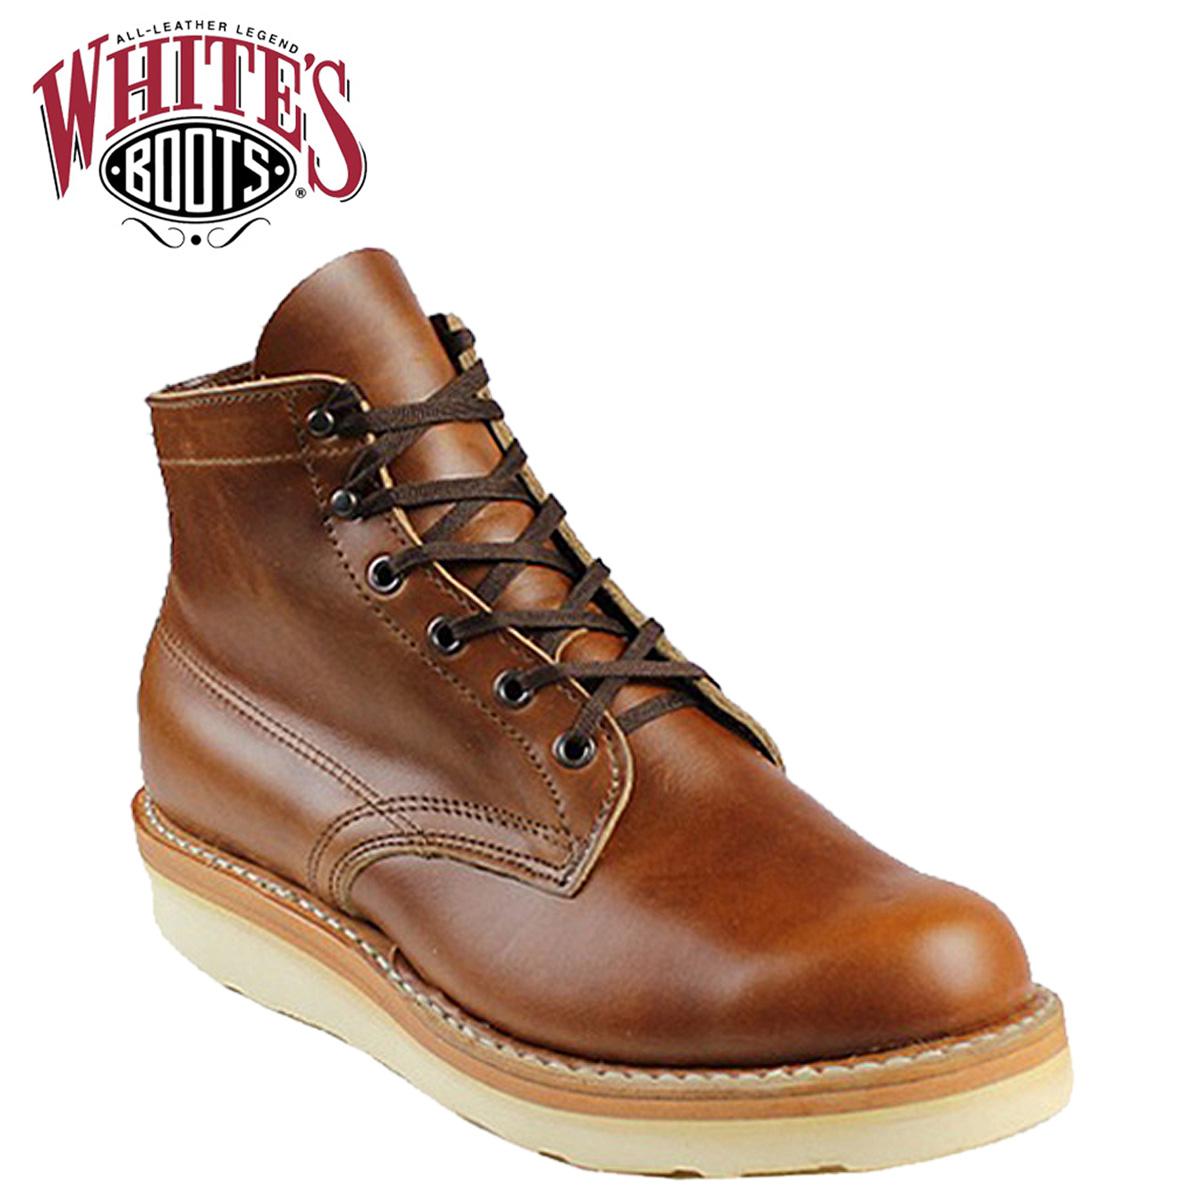 WHITE'S BOOTS ホワイツブーツセミドレス 5INCH AMERICANA SEMIDRESS BOOTS 2332W Eワイズ メンズ